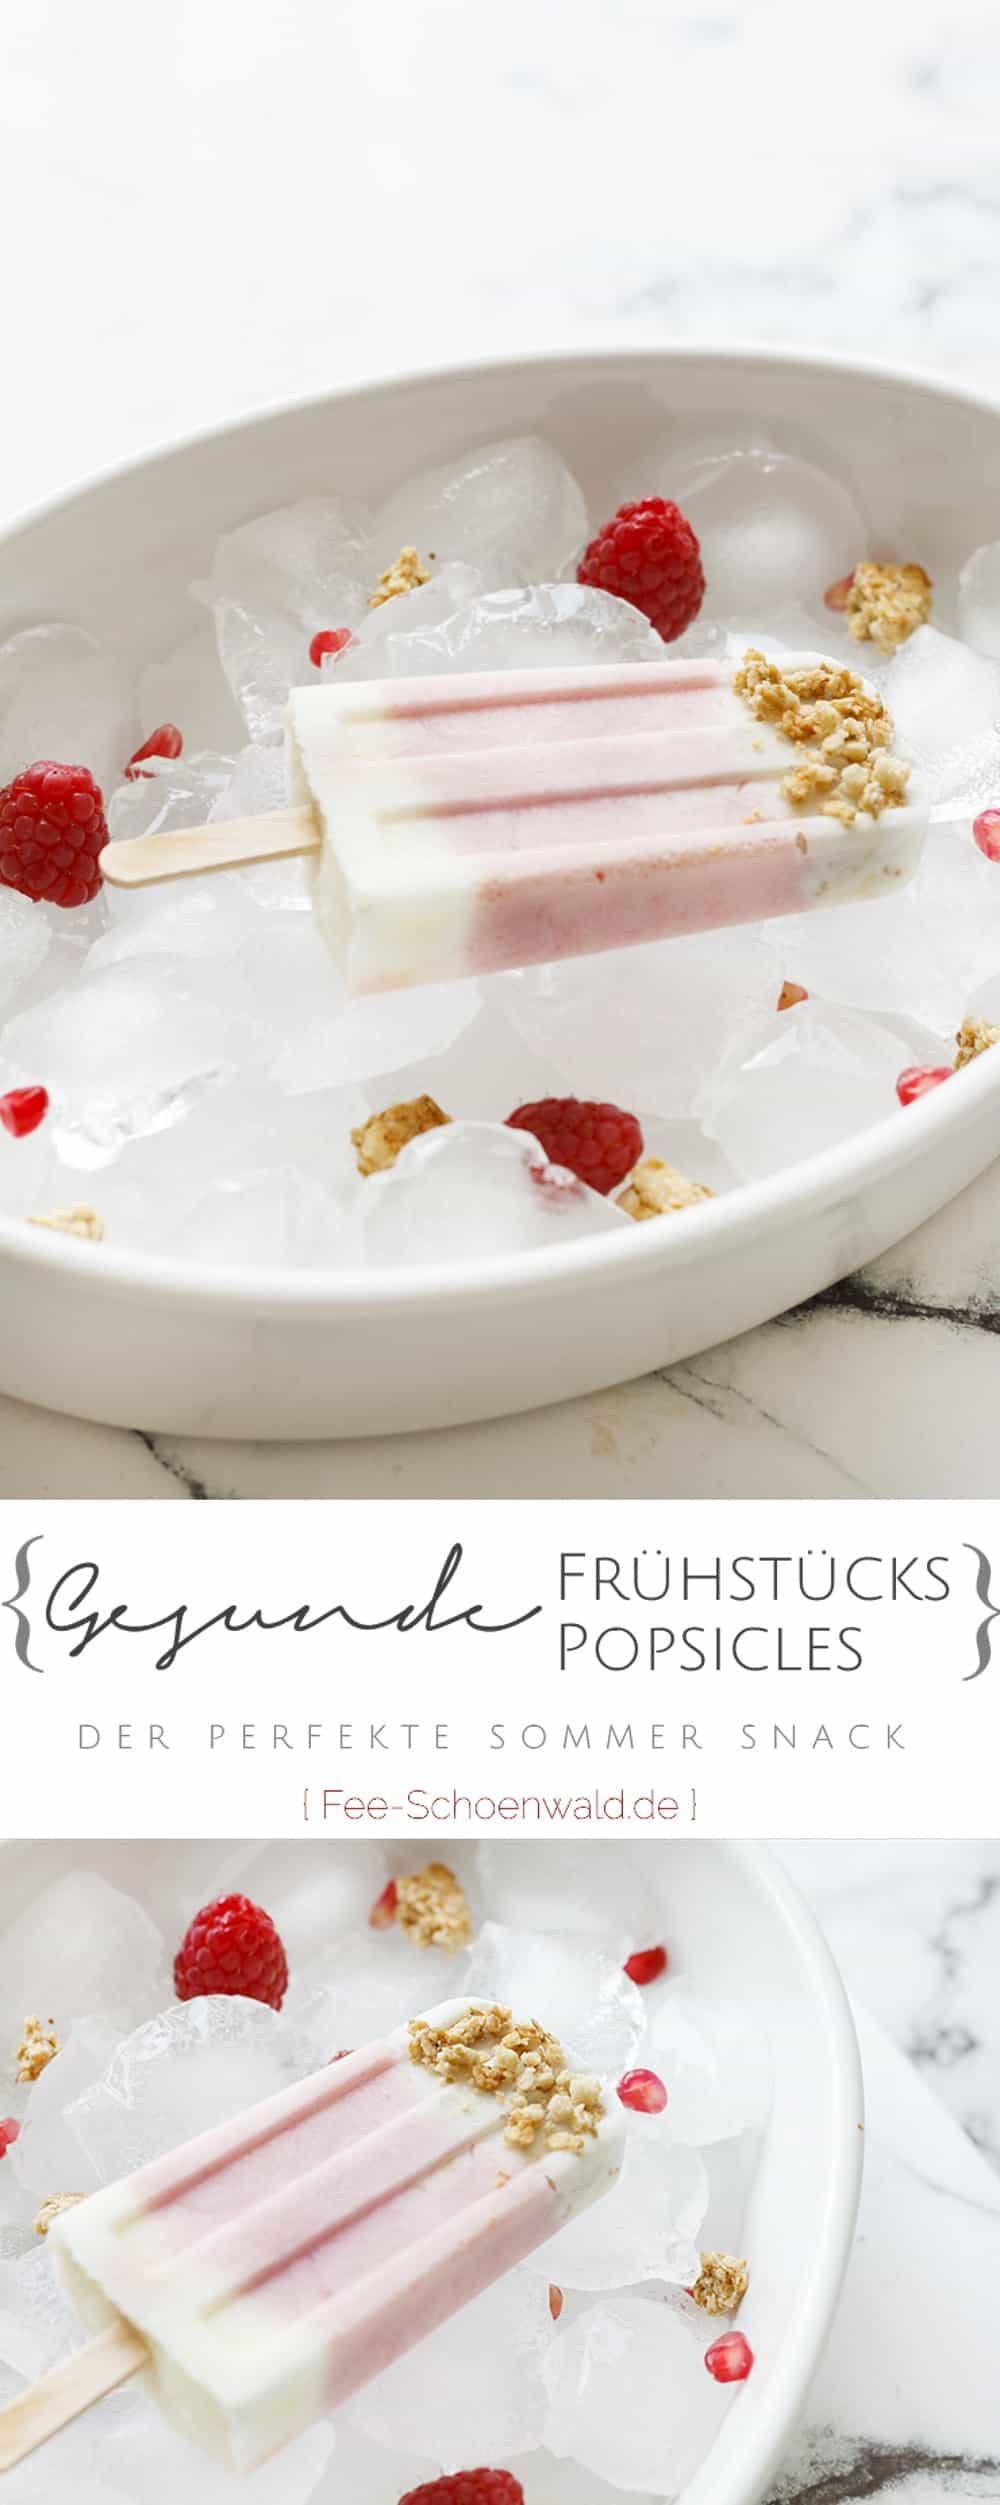 Gesundes Eisrezept Frühstück Popsicles mit Joghurt Beeren und Granola